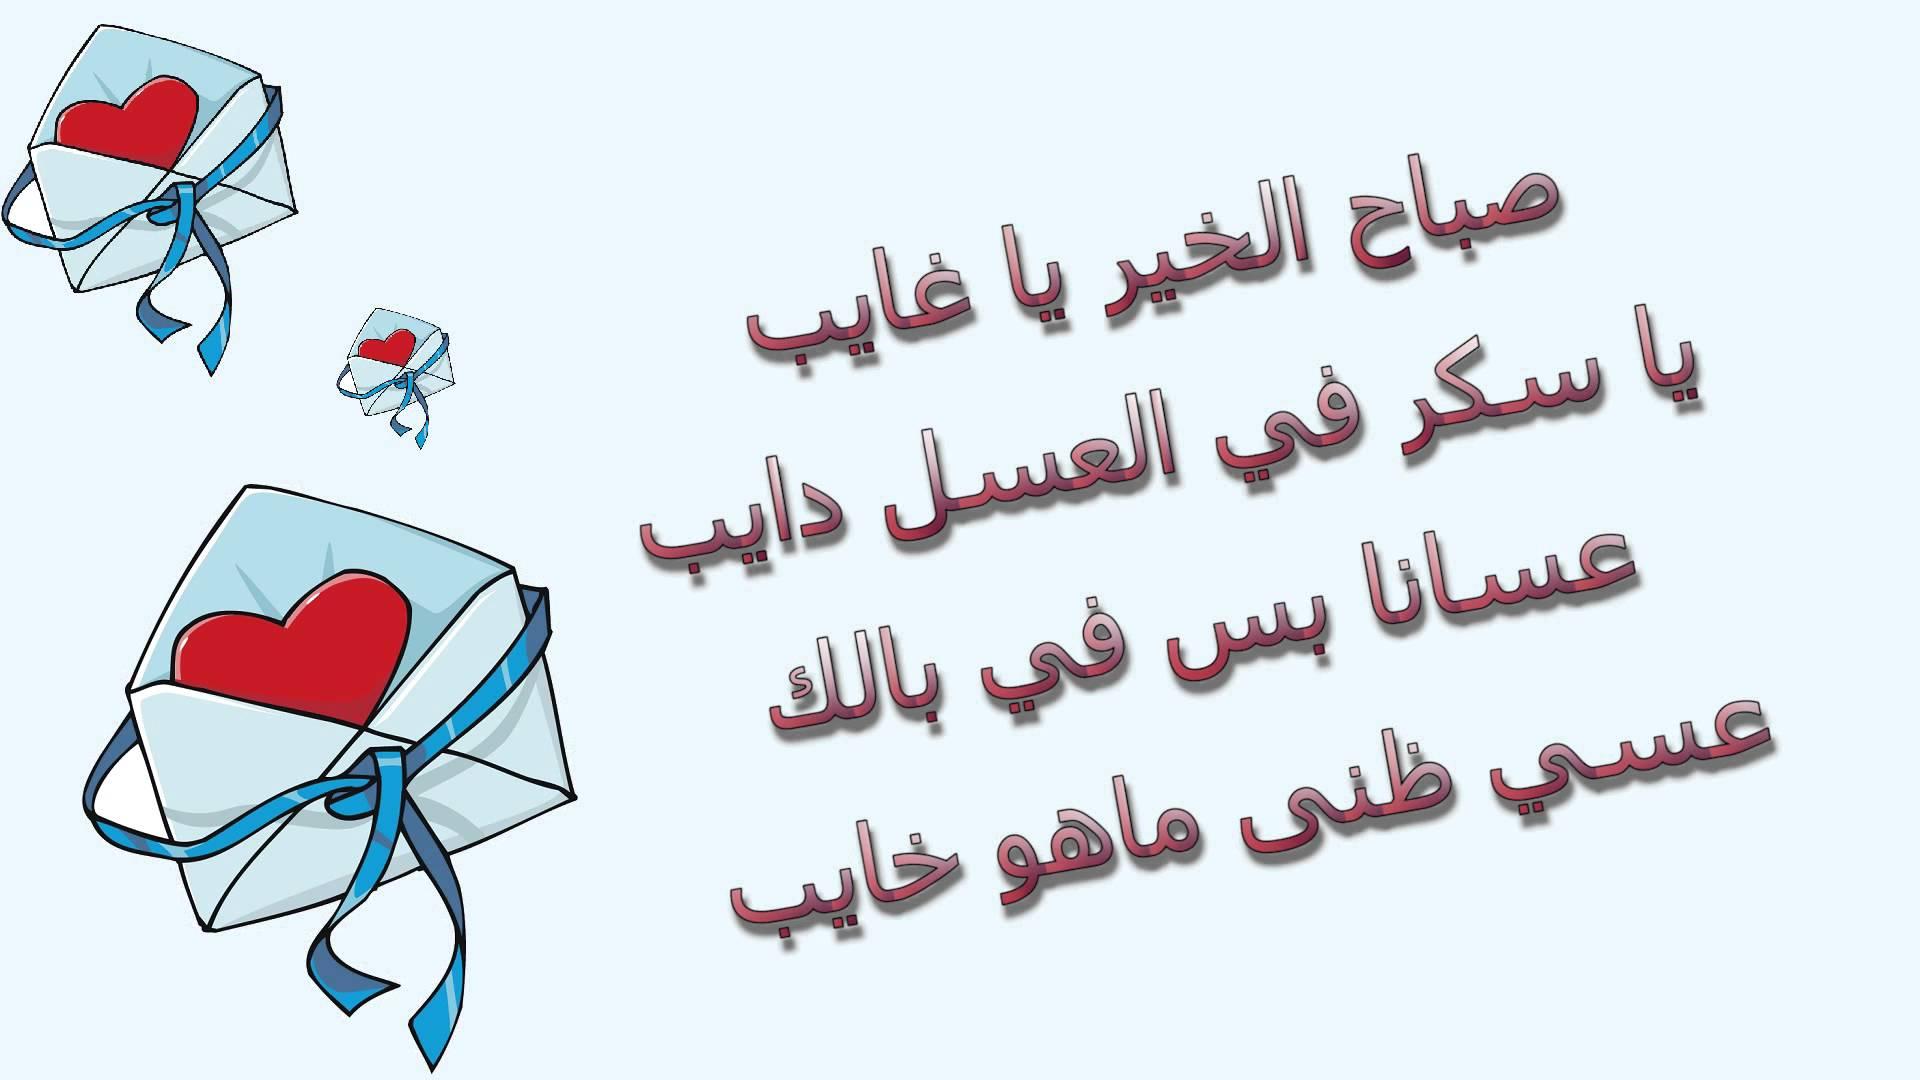 بالصور صباح العسل , احلى صباح مع كلمات براقه 4701 1